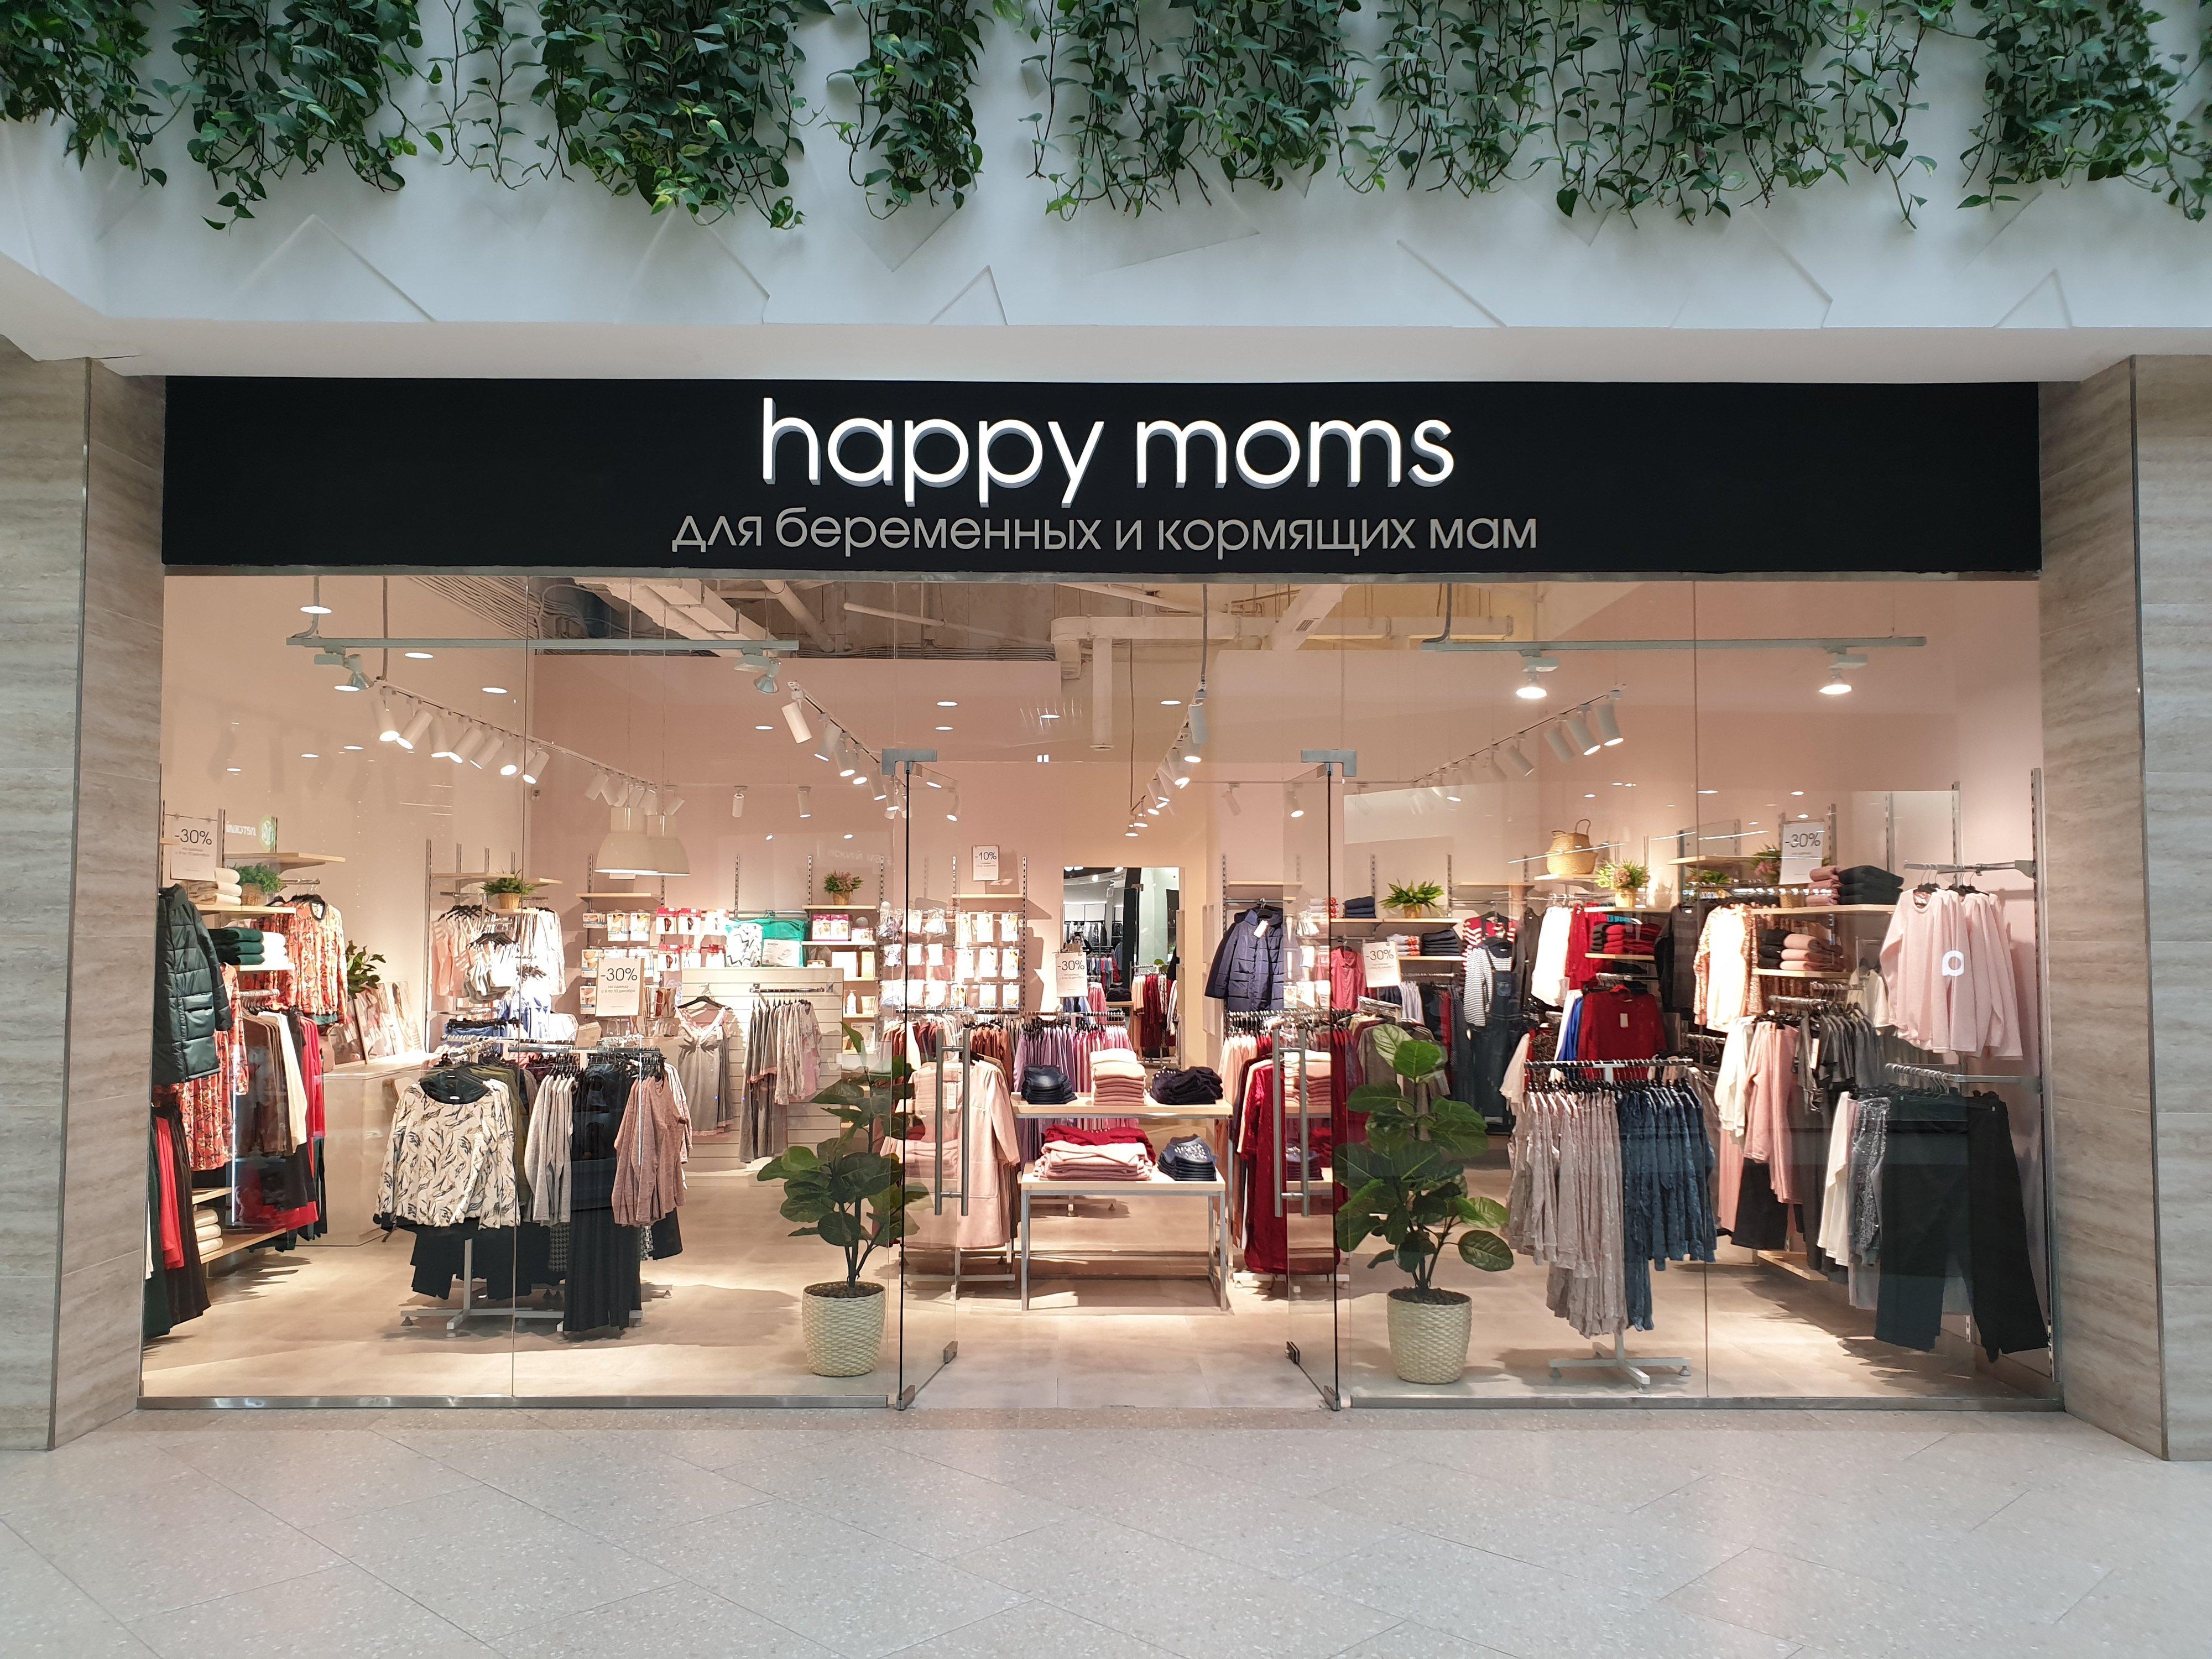 Магазин нижнего женского белья в ростове на дону вакуумный массажер для простаты